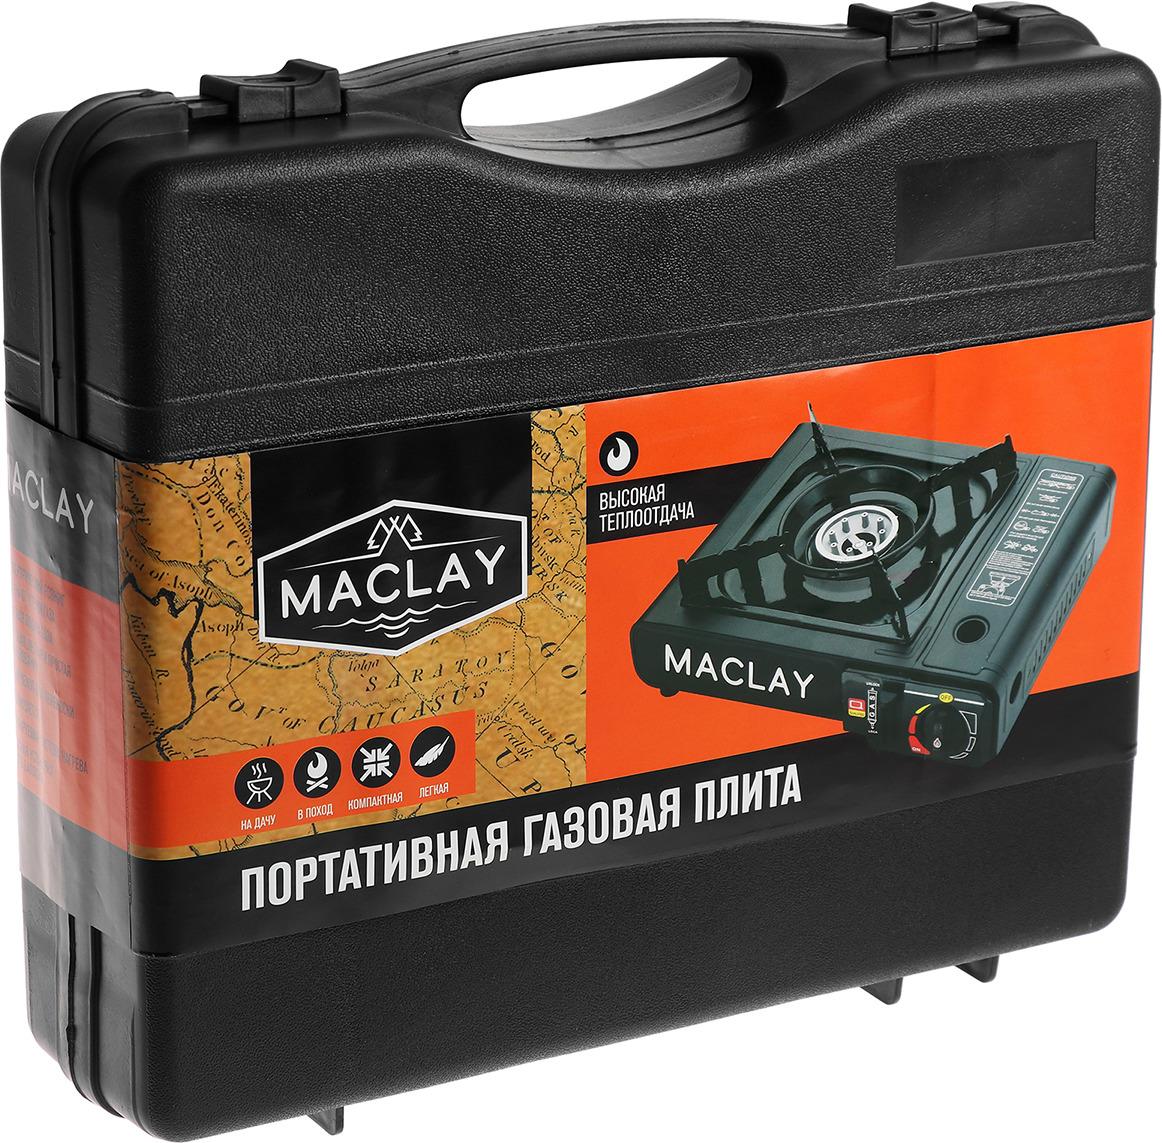 Плита газовая Maclay SL-203, портативная, с переходником, 1275052 плита газовая портативная fenix ts 370